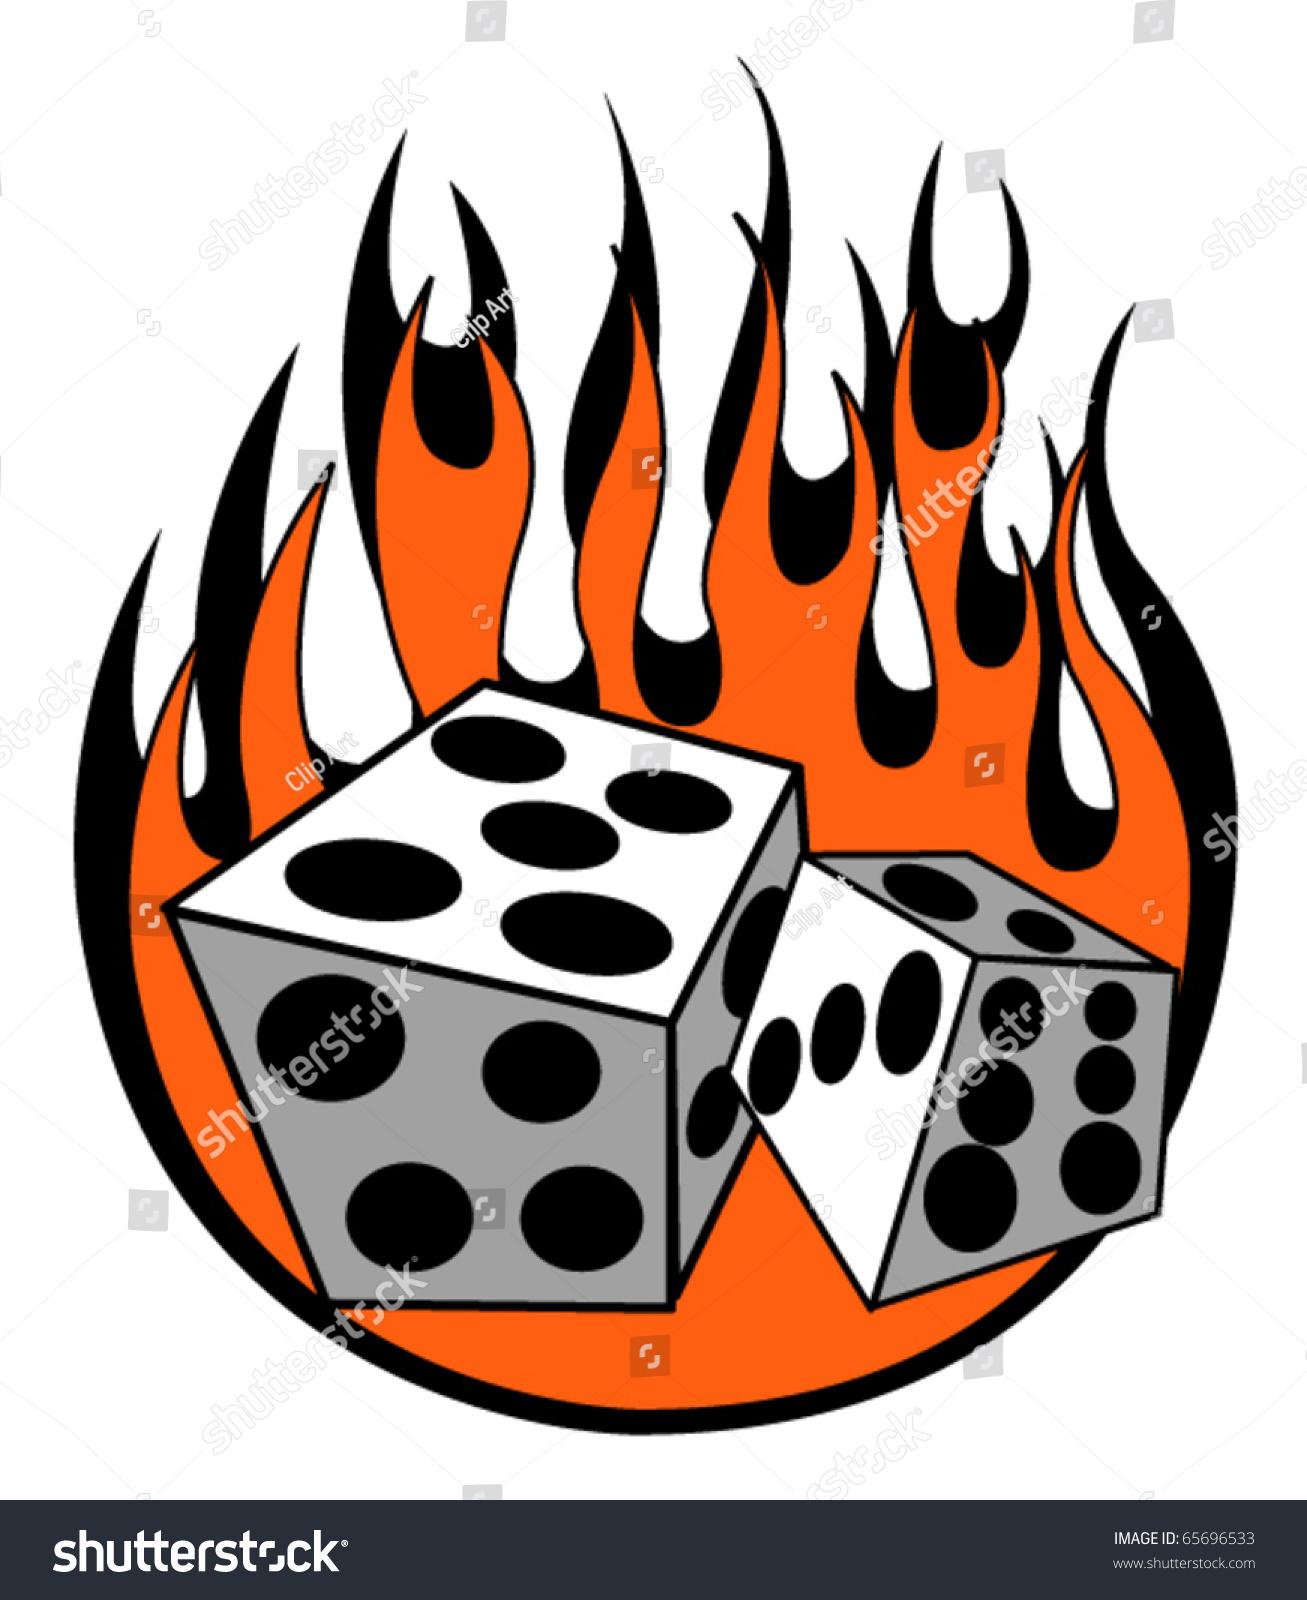 Gambling phrases dice